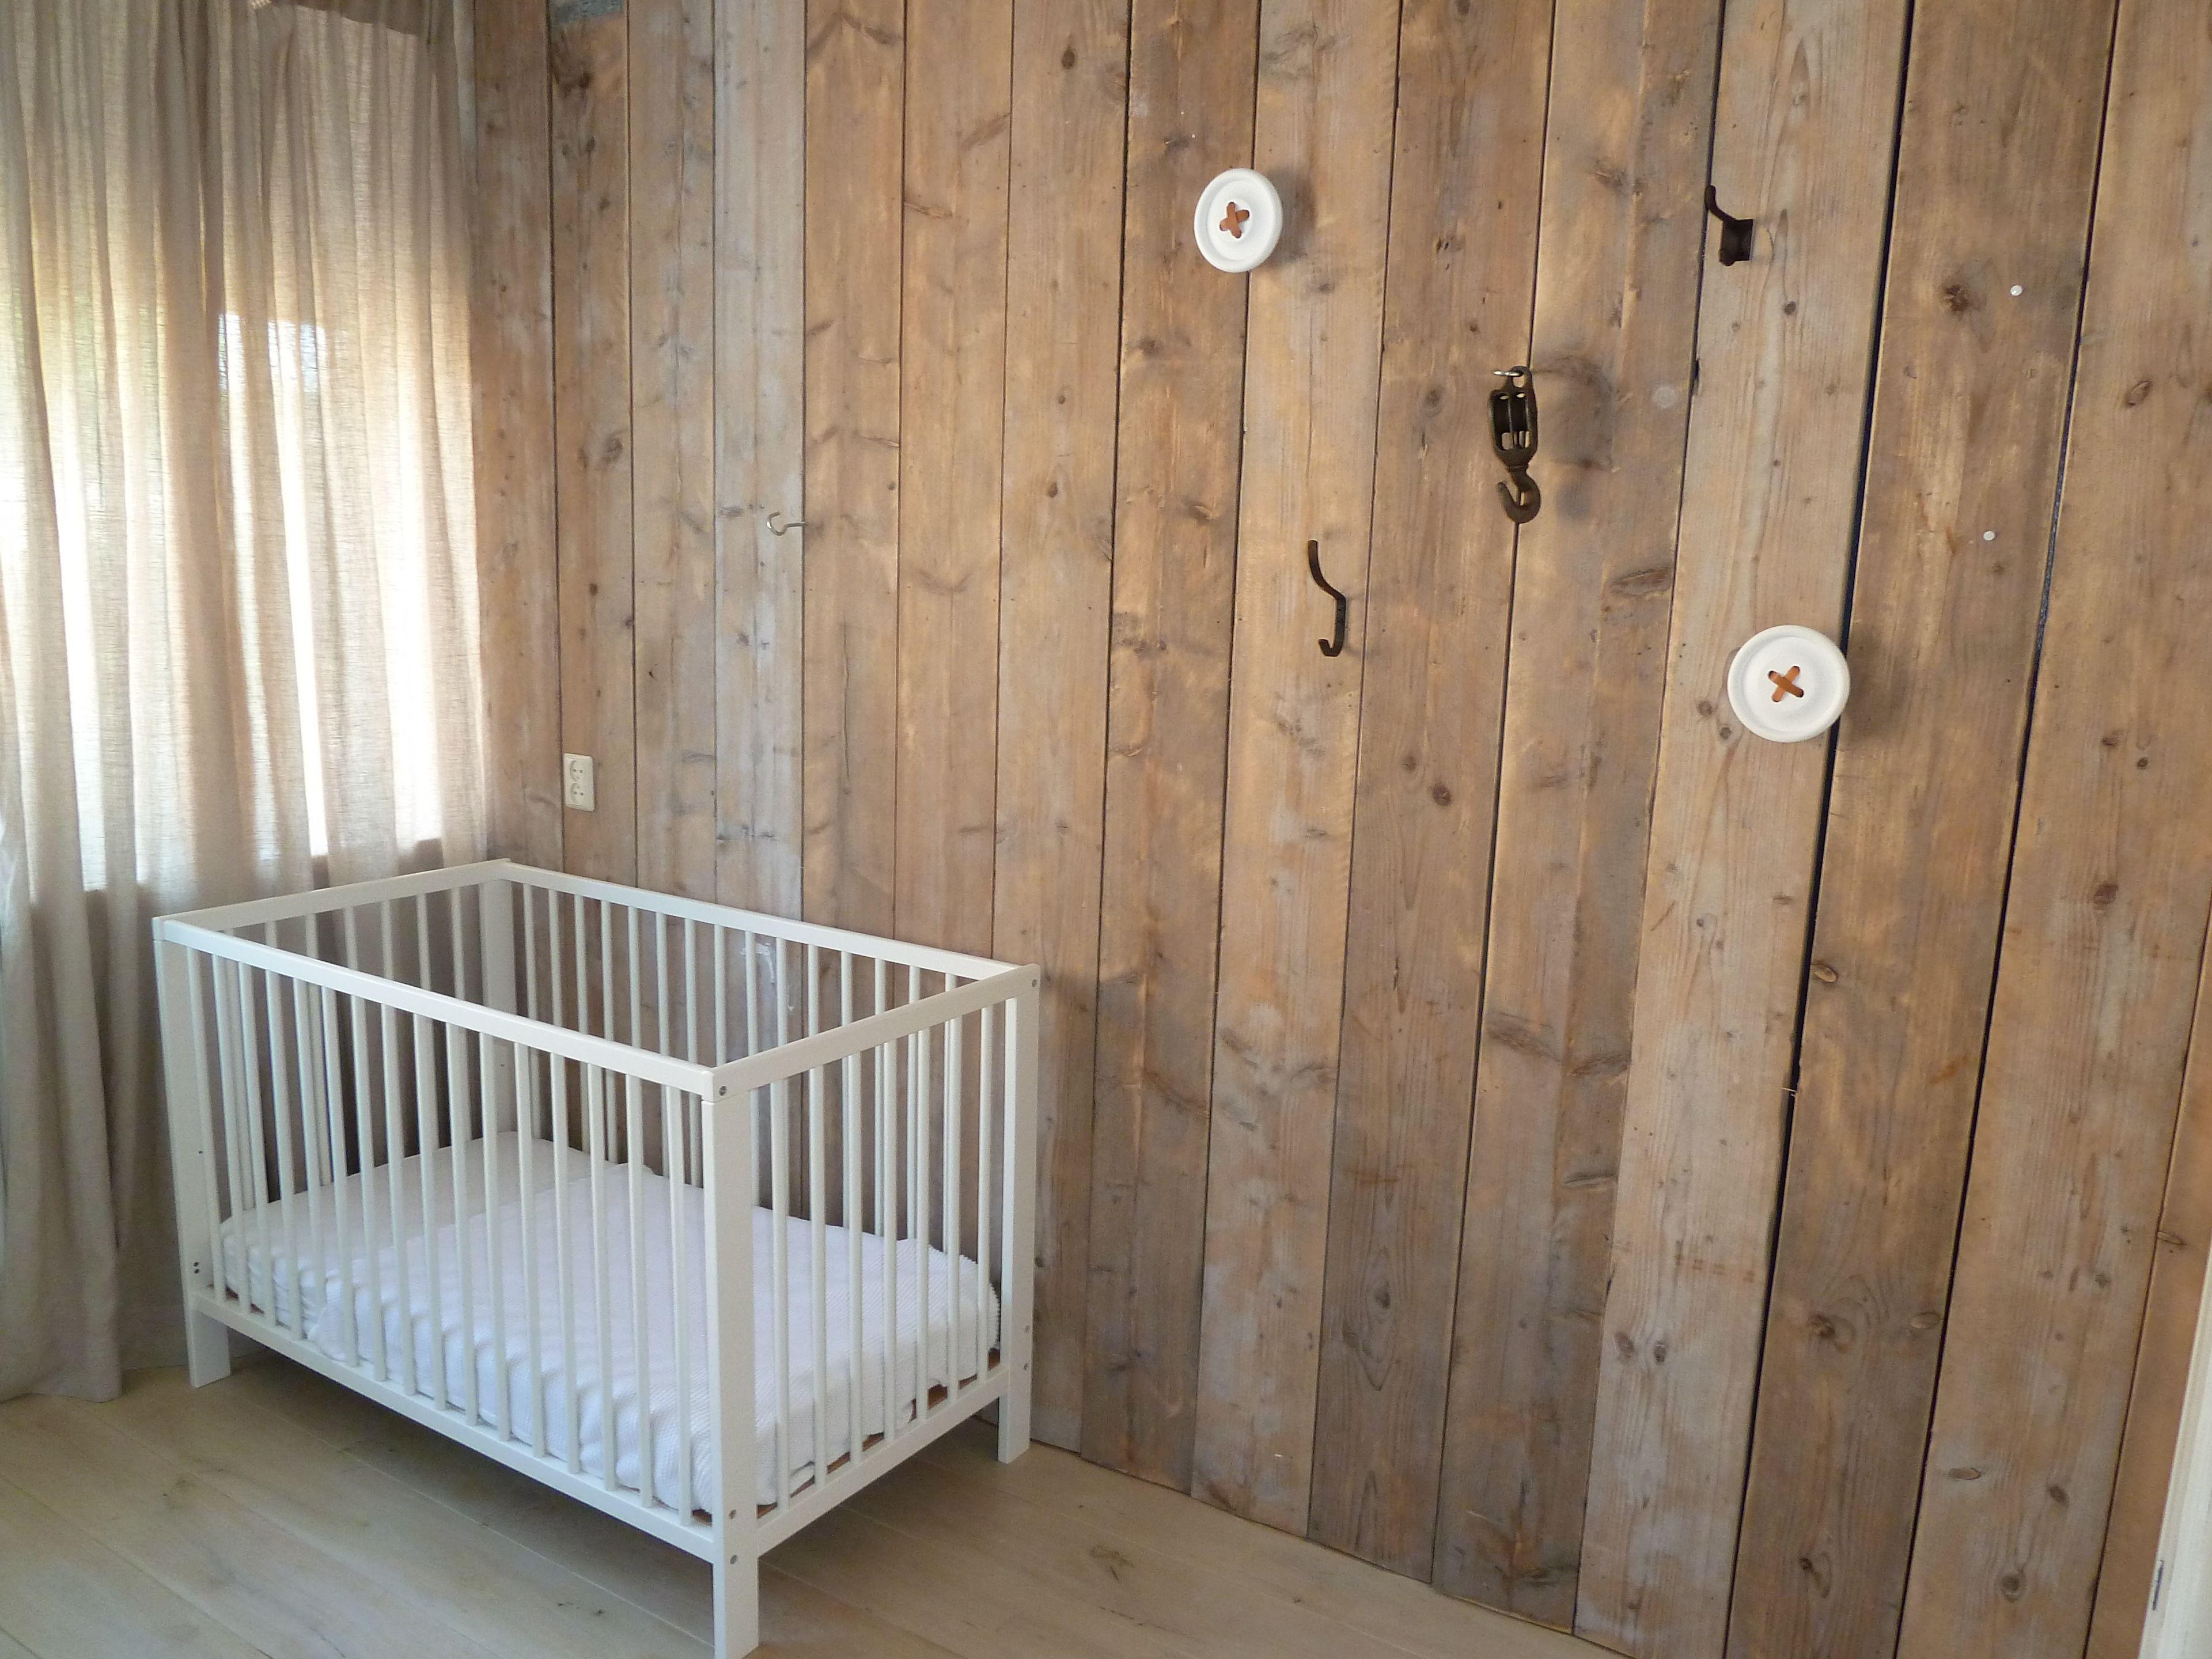 Steigerhout Muur Slaapkamer : Steigerhouten wand steigerhouten muur industriele haken voor